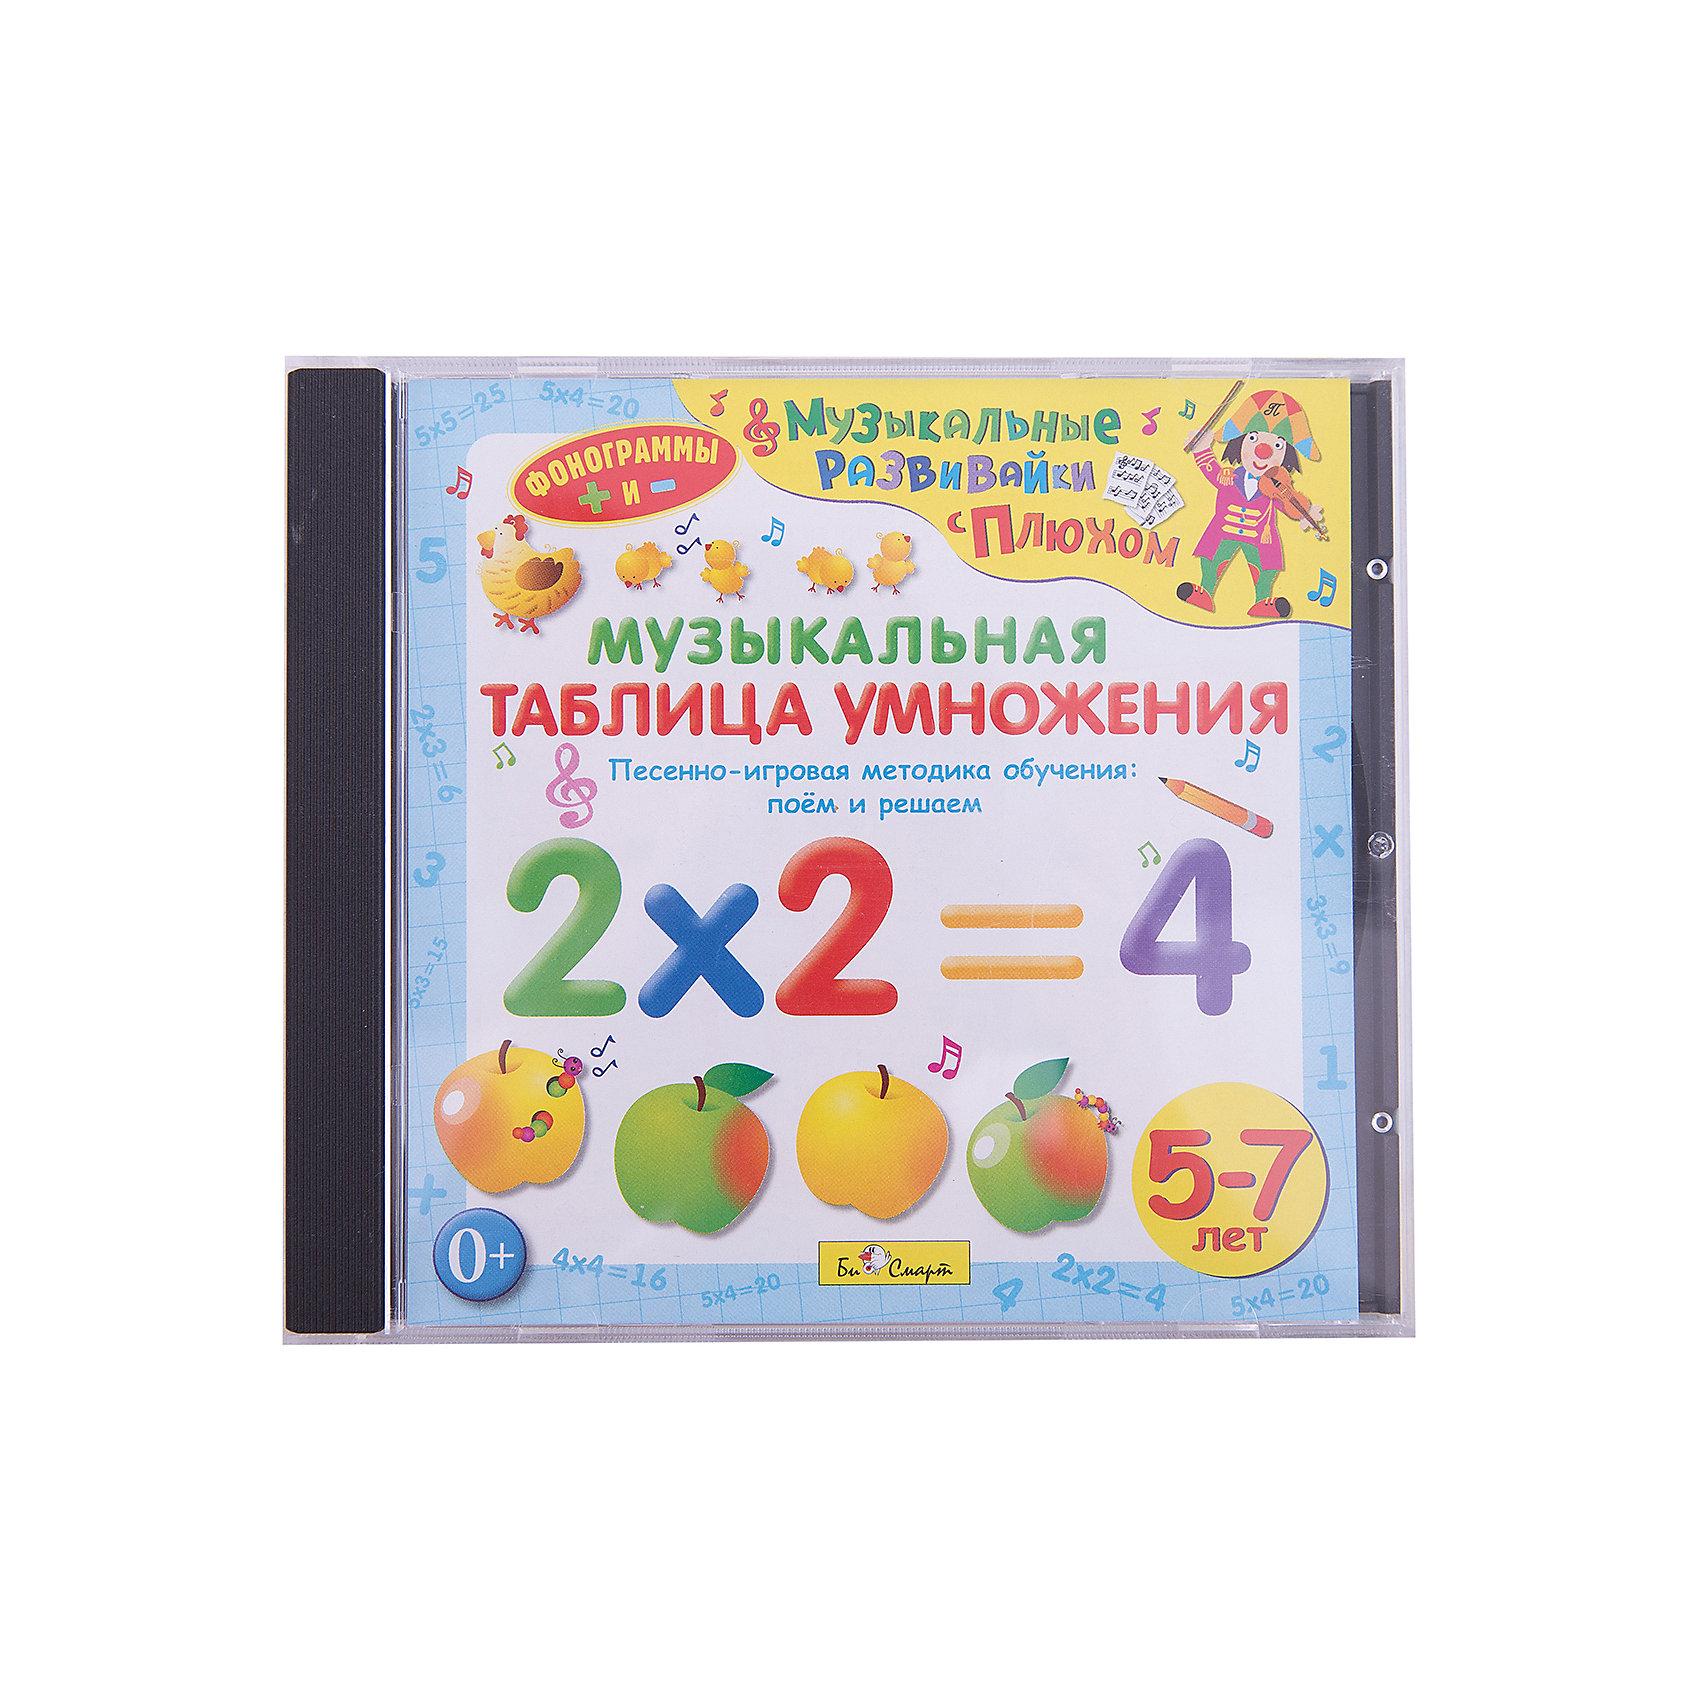 Би Смарт CD. Музыкальная таблица умножения. (от 5 до 7 лет)Аудиокниги, DVD и CD<br>Аудиодиск «Музыкальная таблица <br>умножения» — незаменимый помощник в разучивании такой на первый взгляд непростой, <br>полной цифр и значков таблицы.<br>Мы исходили из того, что песенки нравится петь всем, вот мы и добавили обучающую составляющую в песенки! Ты поешь и, сам того не замечая, запоминаешь слова, а вместе с ними и все примеры. У наших песенок есть еще и минусовки, под которые ваш ребенок как раз сможет петь самостоятельно и одновременно будет тренироваться решать примеры. Решая примеры в песне, мы развиваем у детей музыкальный слух, чувство ритма, фантазию и, конечно же, память. Все песенки написаны в разных музыкальных стилях и с веселым настроением, которое непременно передастся нашим слушателям. Заучивание таблицы умножения уже не будет таким непосильным и грустным занятием. Удачи вам, друзья, на пути в прекрасный мир математики!<br><br>Дополнительная информация:<br><br>Состав диска:<br><br>Урок 01:59 <br>Урок (минус) 01:59<br>Дважды 02:10 <br>Дважды (минус) 02:05<br>Трижды 03:54<br>Трижды (минус) 03:54 <br>Четырежды 03:37 <br>Четырежды (минус) 03:37 <br>Пятью 03:59 <br>Пятью (минус) 03:59 <br>Шестью 03:46 <br>Шестью (минус) 03:46 <br>Семью 03:41 <br>Семью (минус) 03:35 <br>Восемью 02:46 <br>Восемью (минус) 02:33 <br>Девятью 04:20 <br>Девятью (минус) 03:50 <br>Таблица У 01:15 <br>Таблица У (минус) 01:14 <br><br>Общее время звучания: 62:07<br><br>Би Смарт CD. Музыкальную таблицу умножения (от 5 до 7 лет) можно купить в нашем магазине.<br><br>Ширина мм: 142<br>Глубина мм: 10<br>Высота мм: 125<br>Вес г: 79<br>Возраст от месяцев: 60<br>Возраст до месяцев: 84<br>Пол: Унисекс<br>Возраст: Детский<br>SKU: 2397502